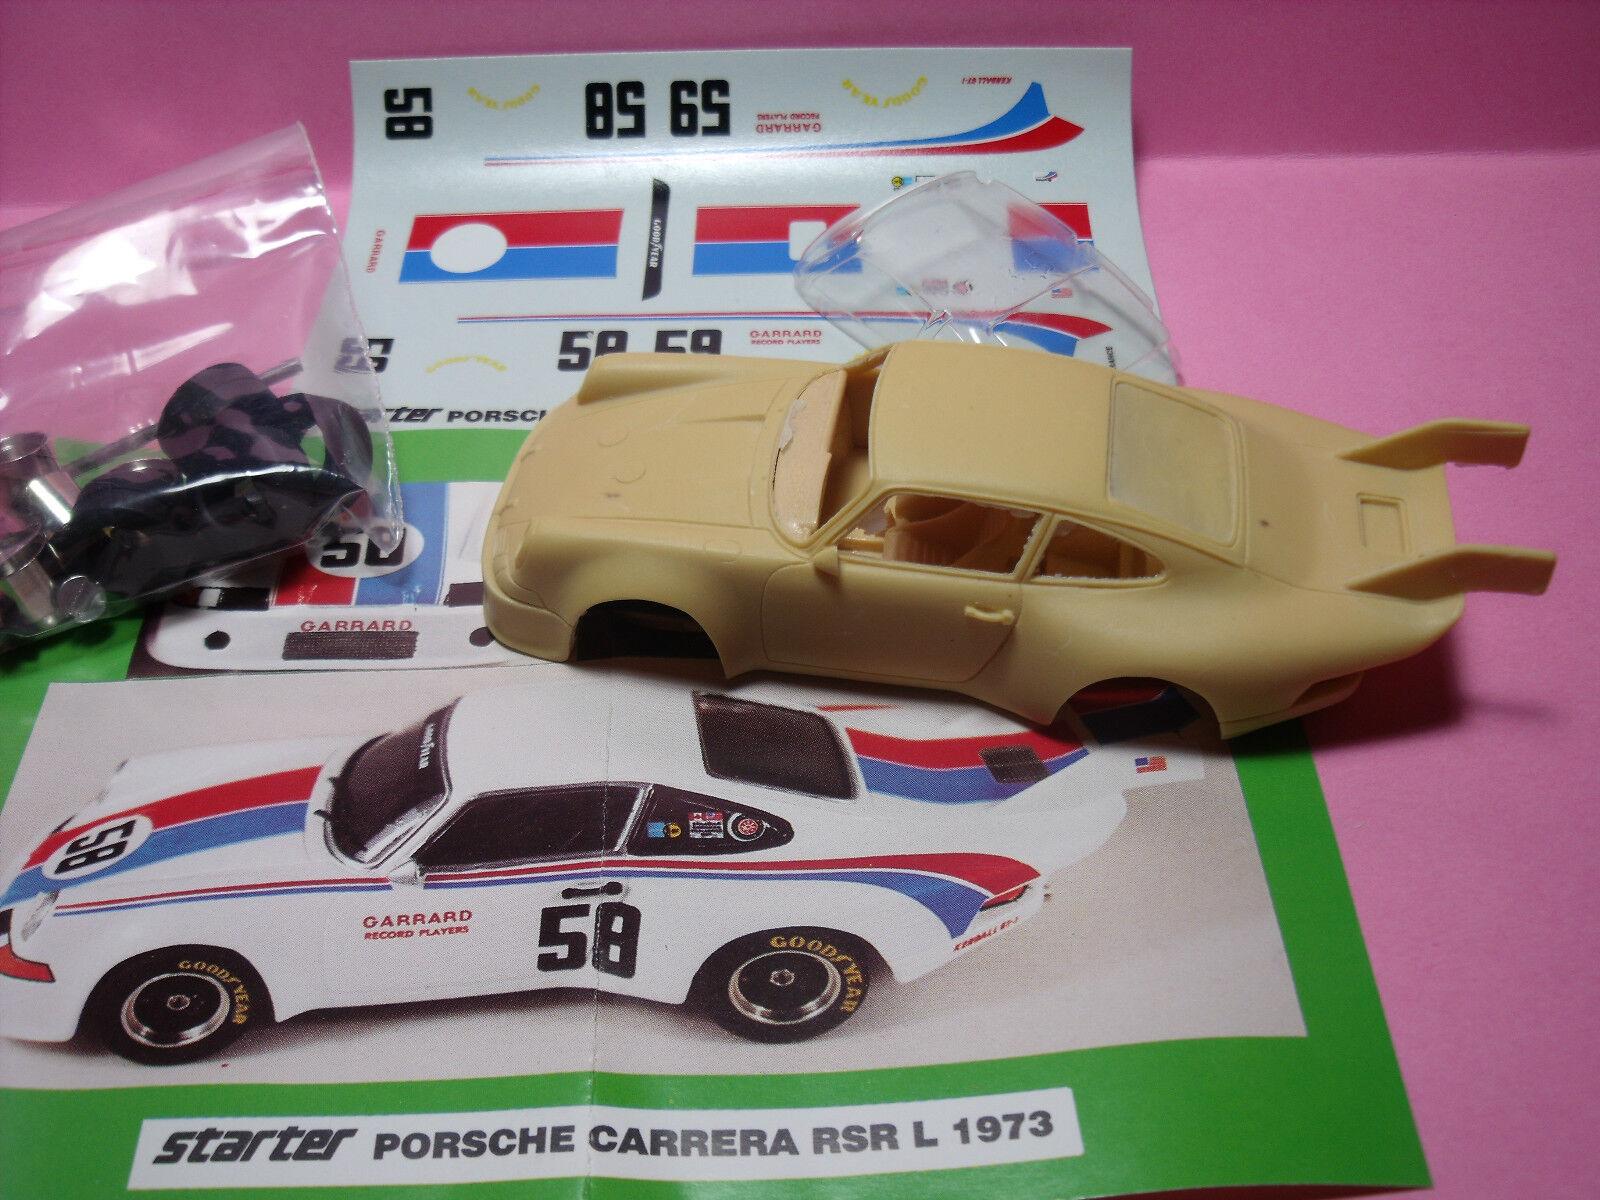 PORSCHE   voitureRERA  RSR  LH  GARRARD  1973    KIT  STARTER   NO  SPARK  haute qualité